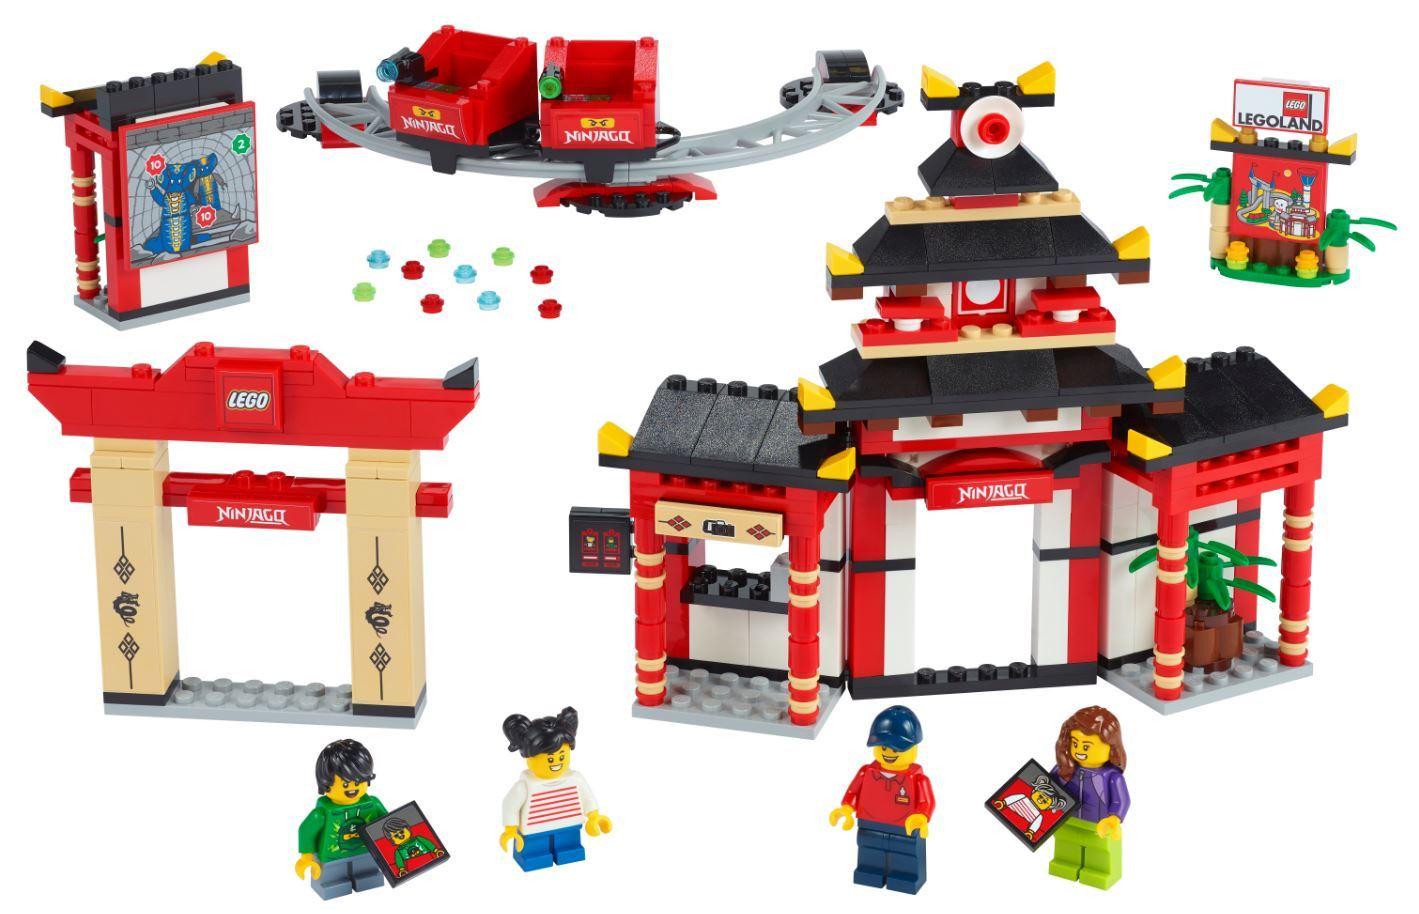 LEGO LEGOLAND 40429 Ninjago World: Ein Stück Park für zu Hause